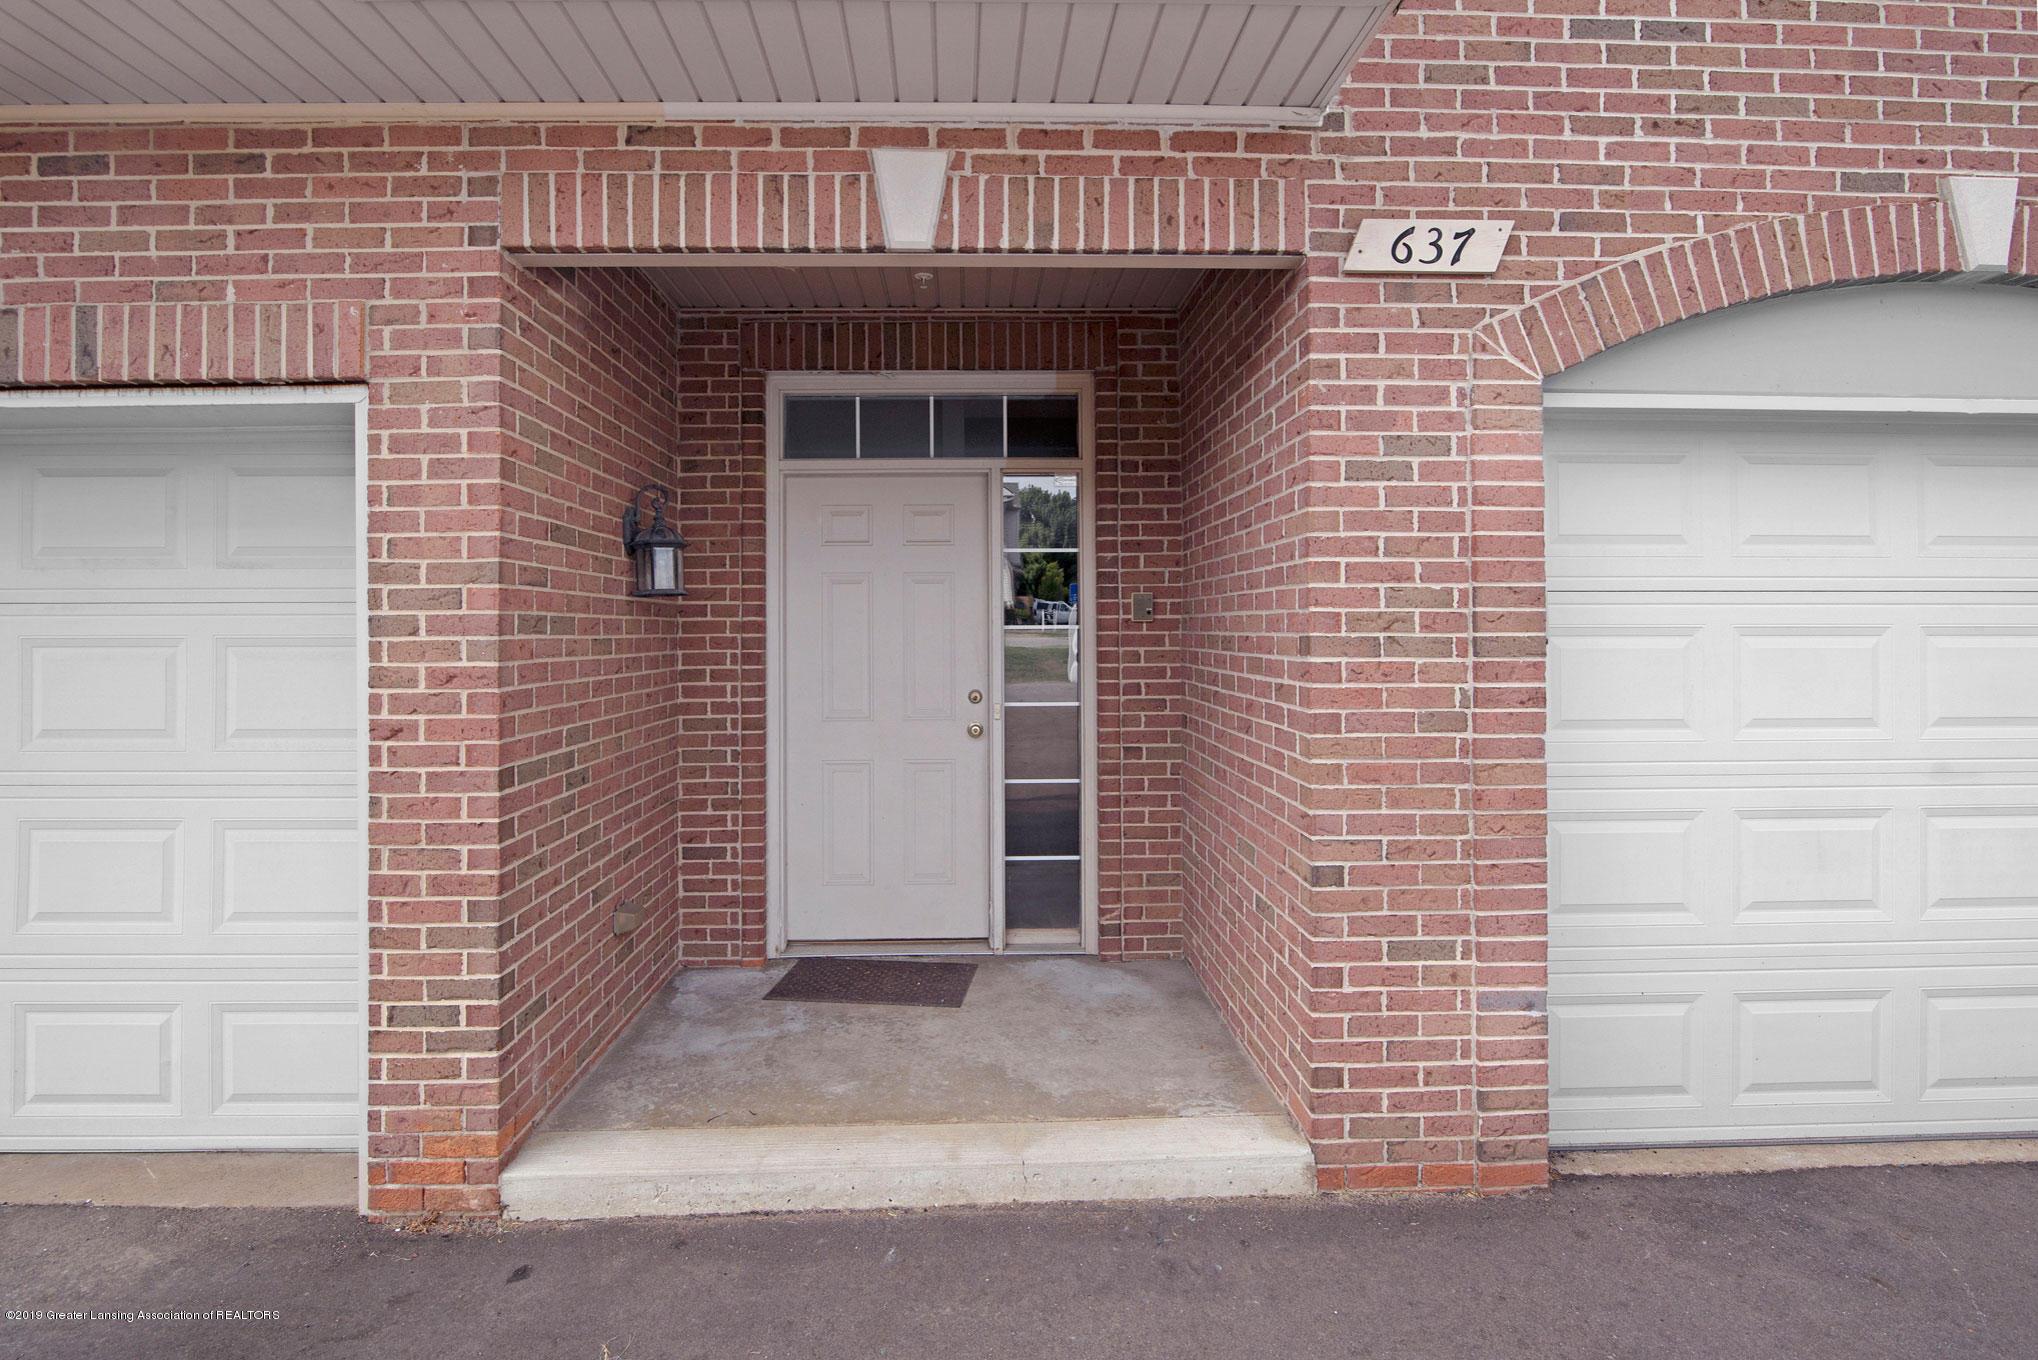 637 Worthington Dr - Photo-Aug-14,-10-13-55-AM - 1